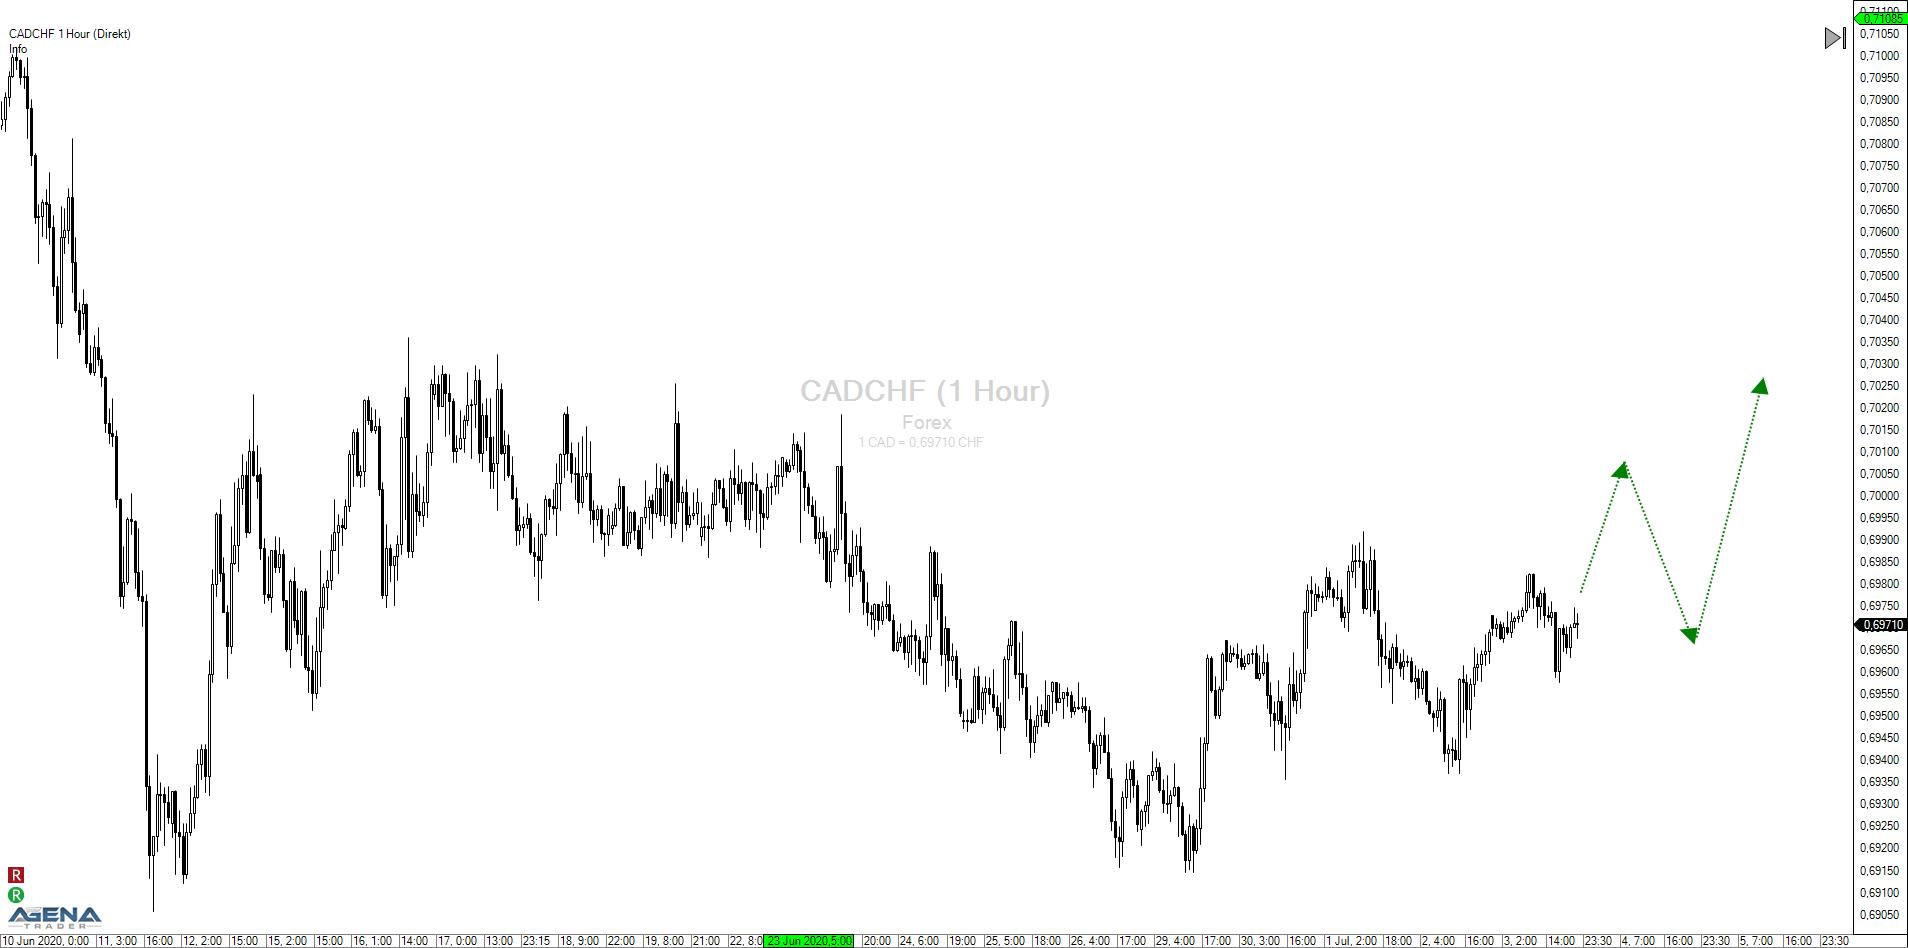 Kanadischer Dollar – Schweizer Franken (CADCHF): Aufschwung für den Loonie?